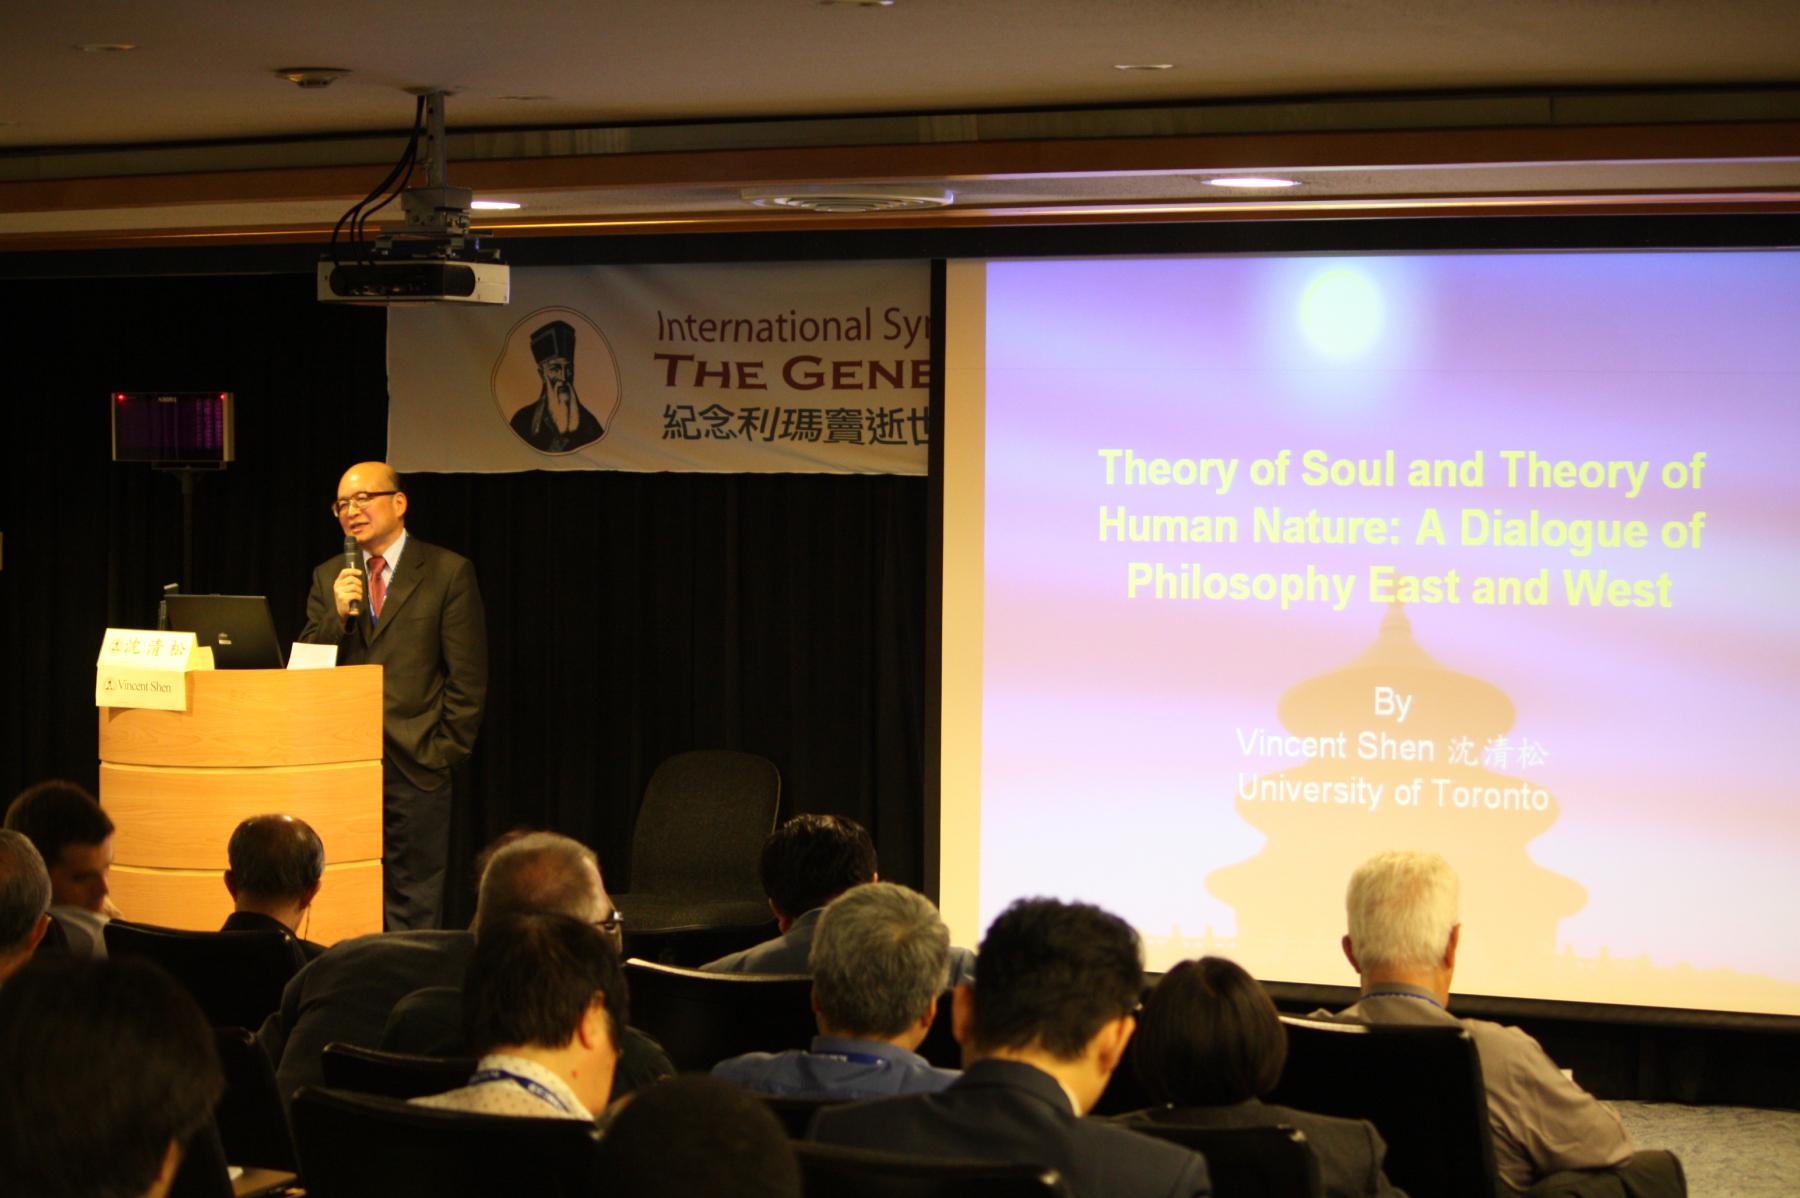 201004紀念利瑪竇逝世四百週年國際學術研討會-34